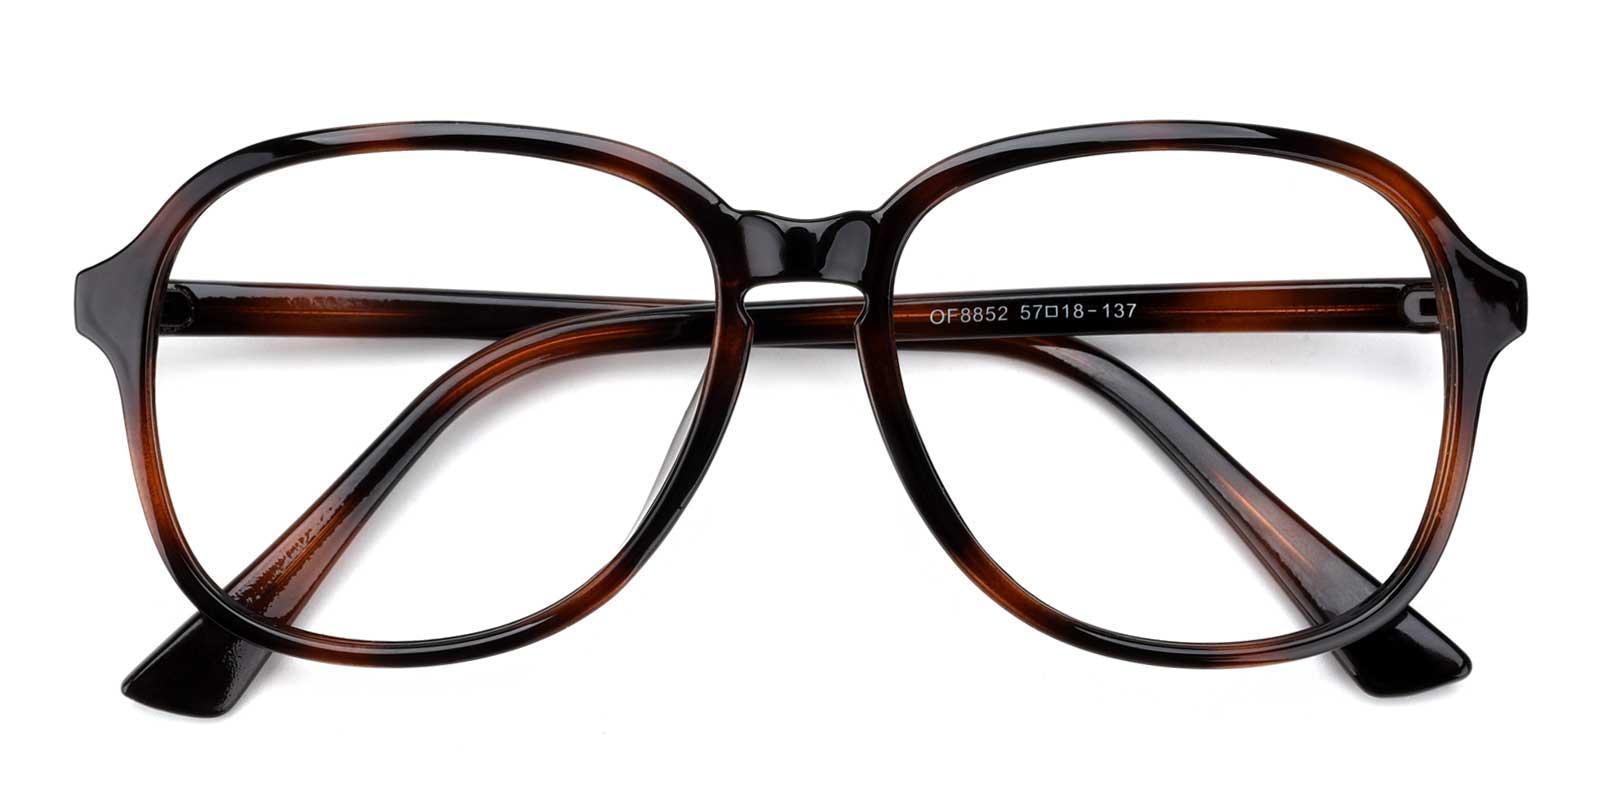 70s-Tortoise-Square-TR-Eyeglasses-detail